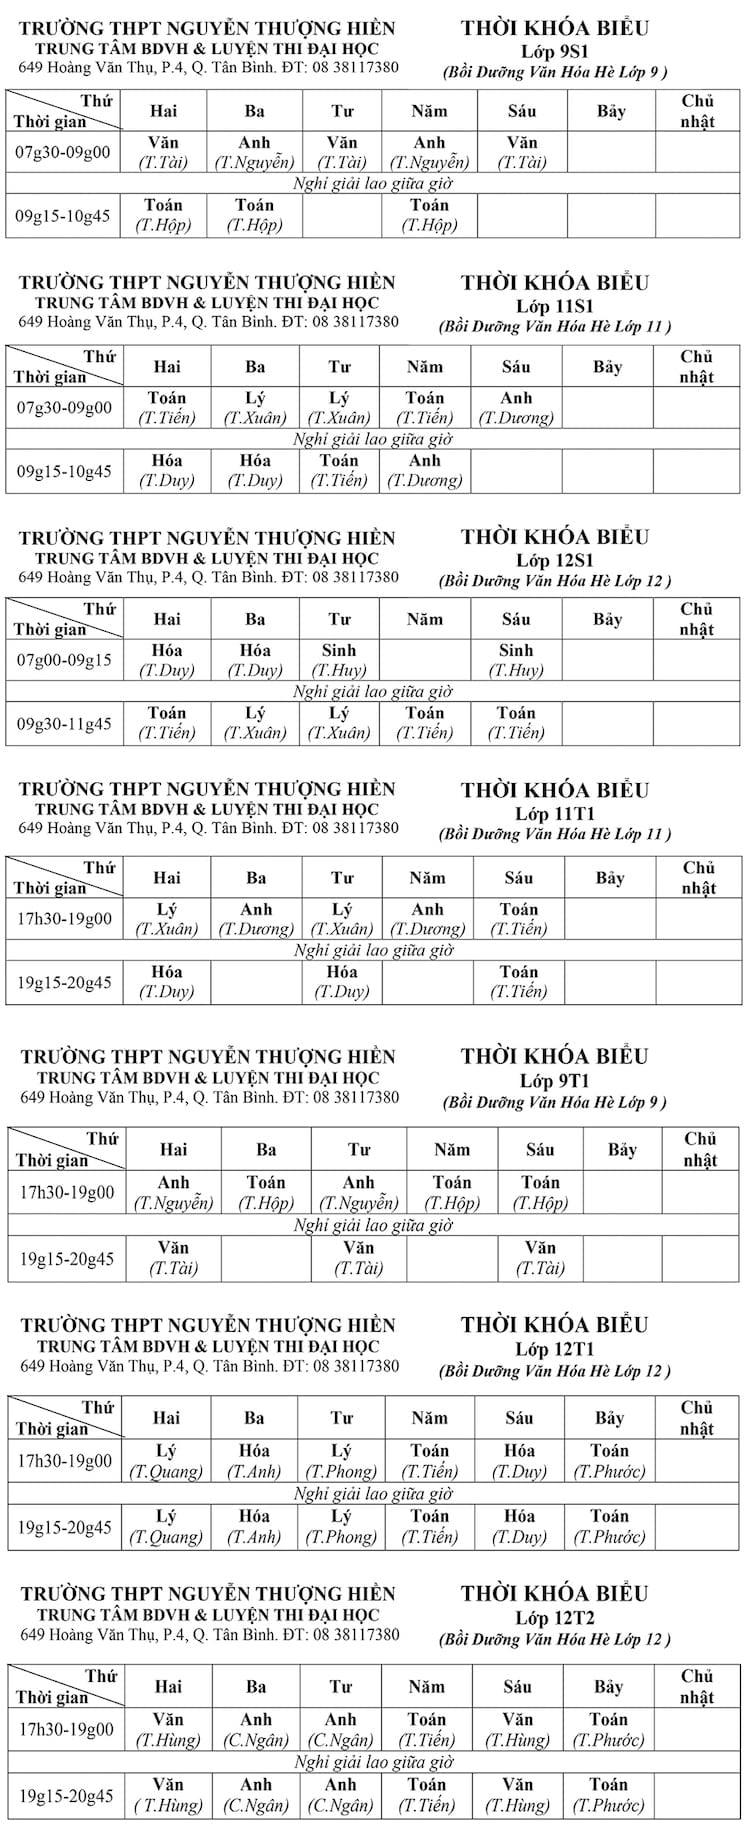 TKB các lớp Bồi Dưỡng Văn Hóa Hè Lớp 9-10-11-12 từ ngày 13/6/2016